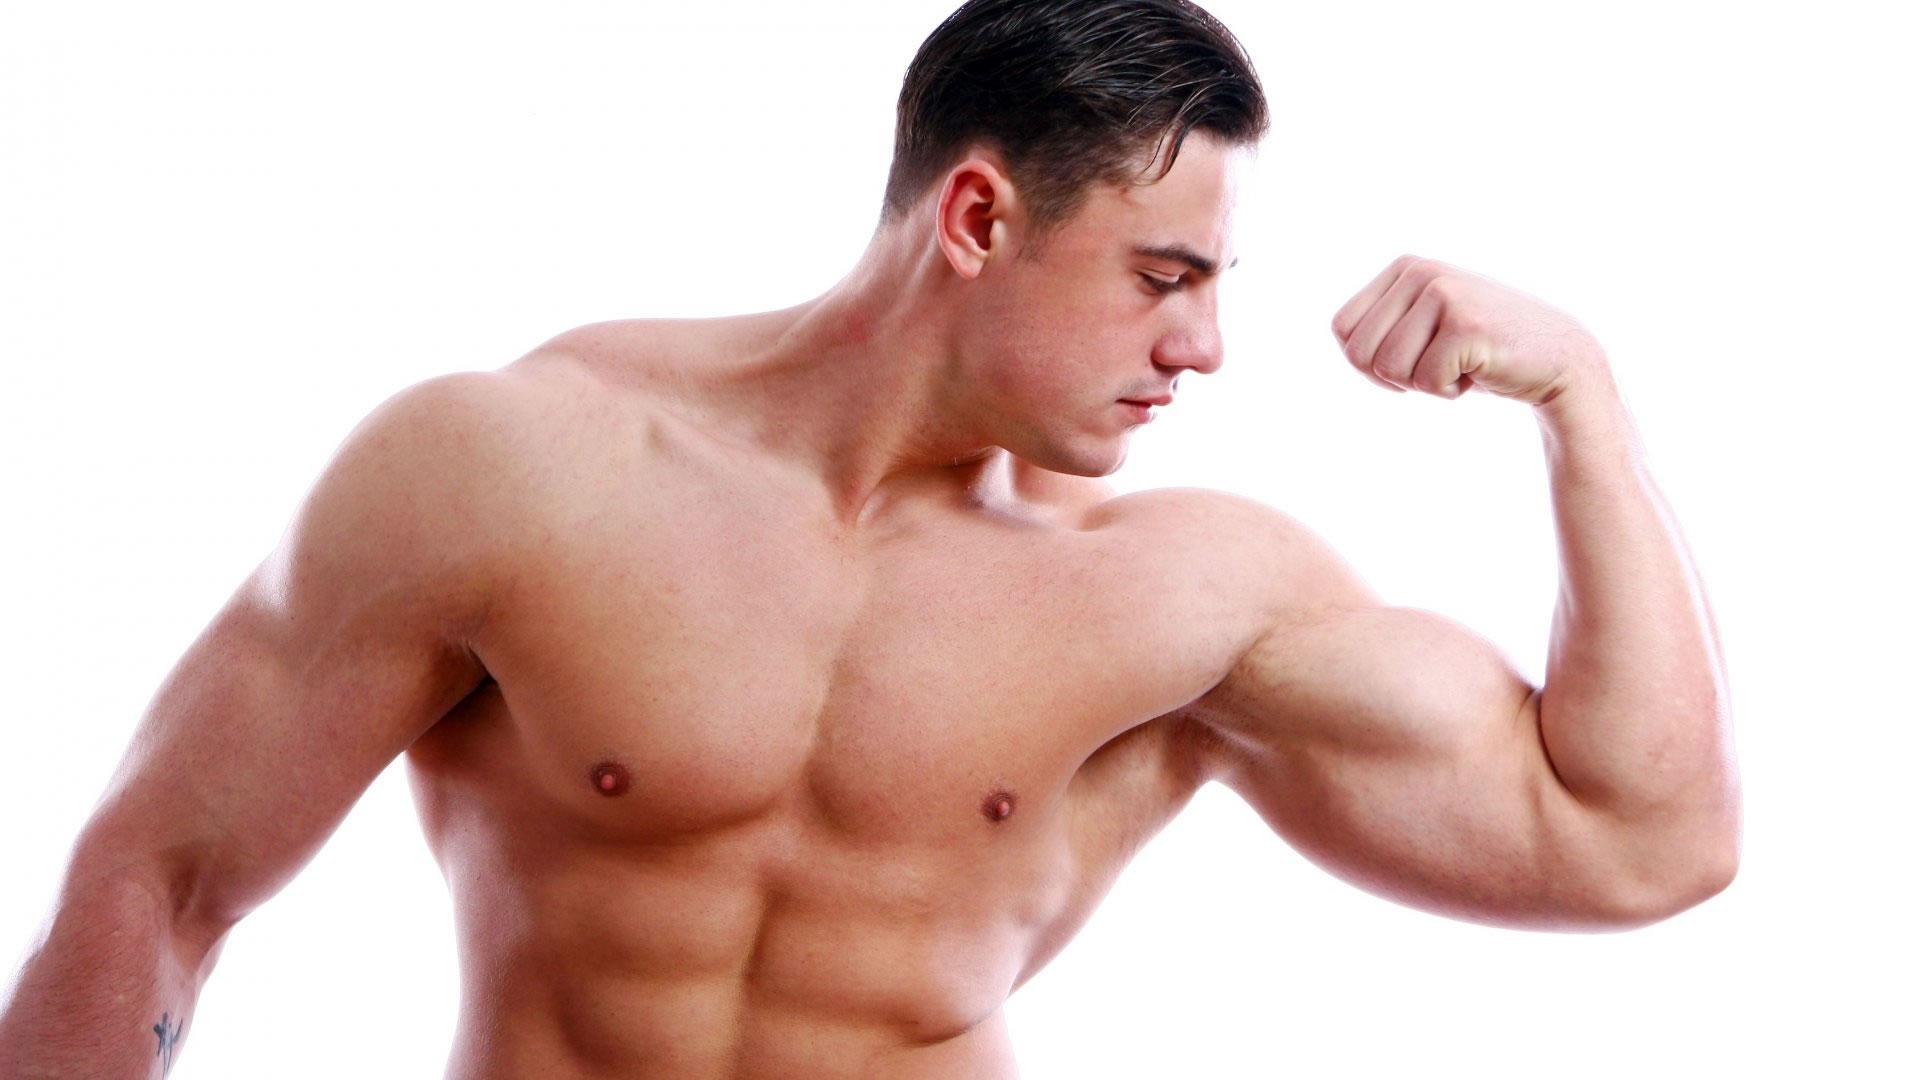 Dieta para bajar la panza rapido hombres photo 10